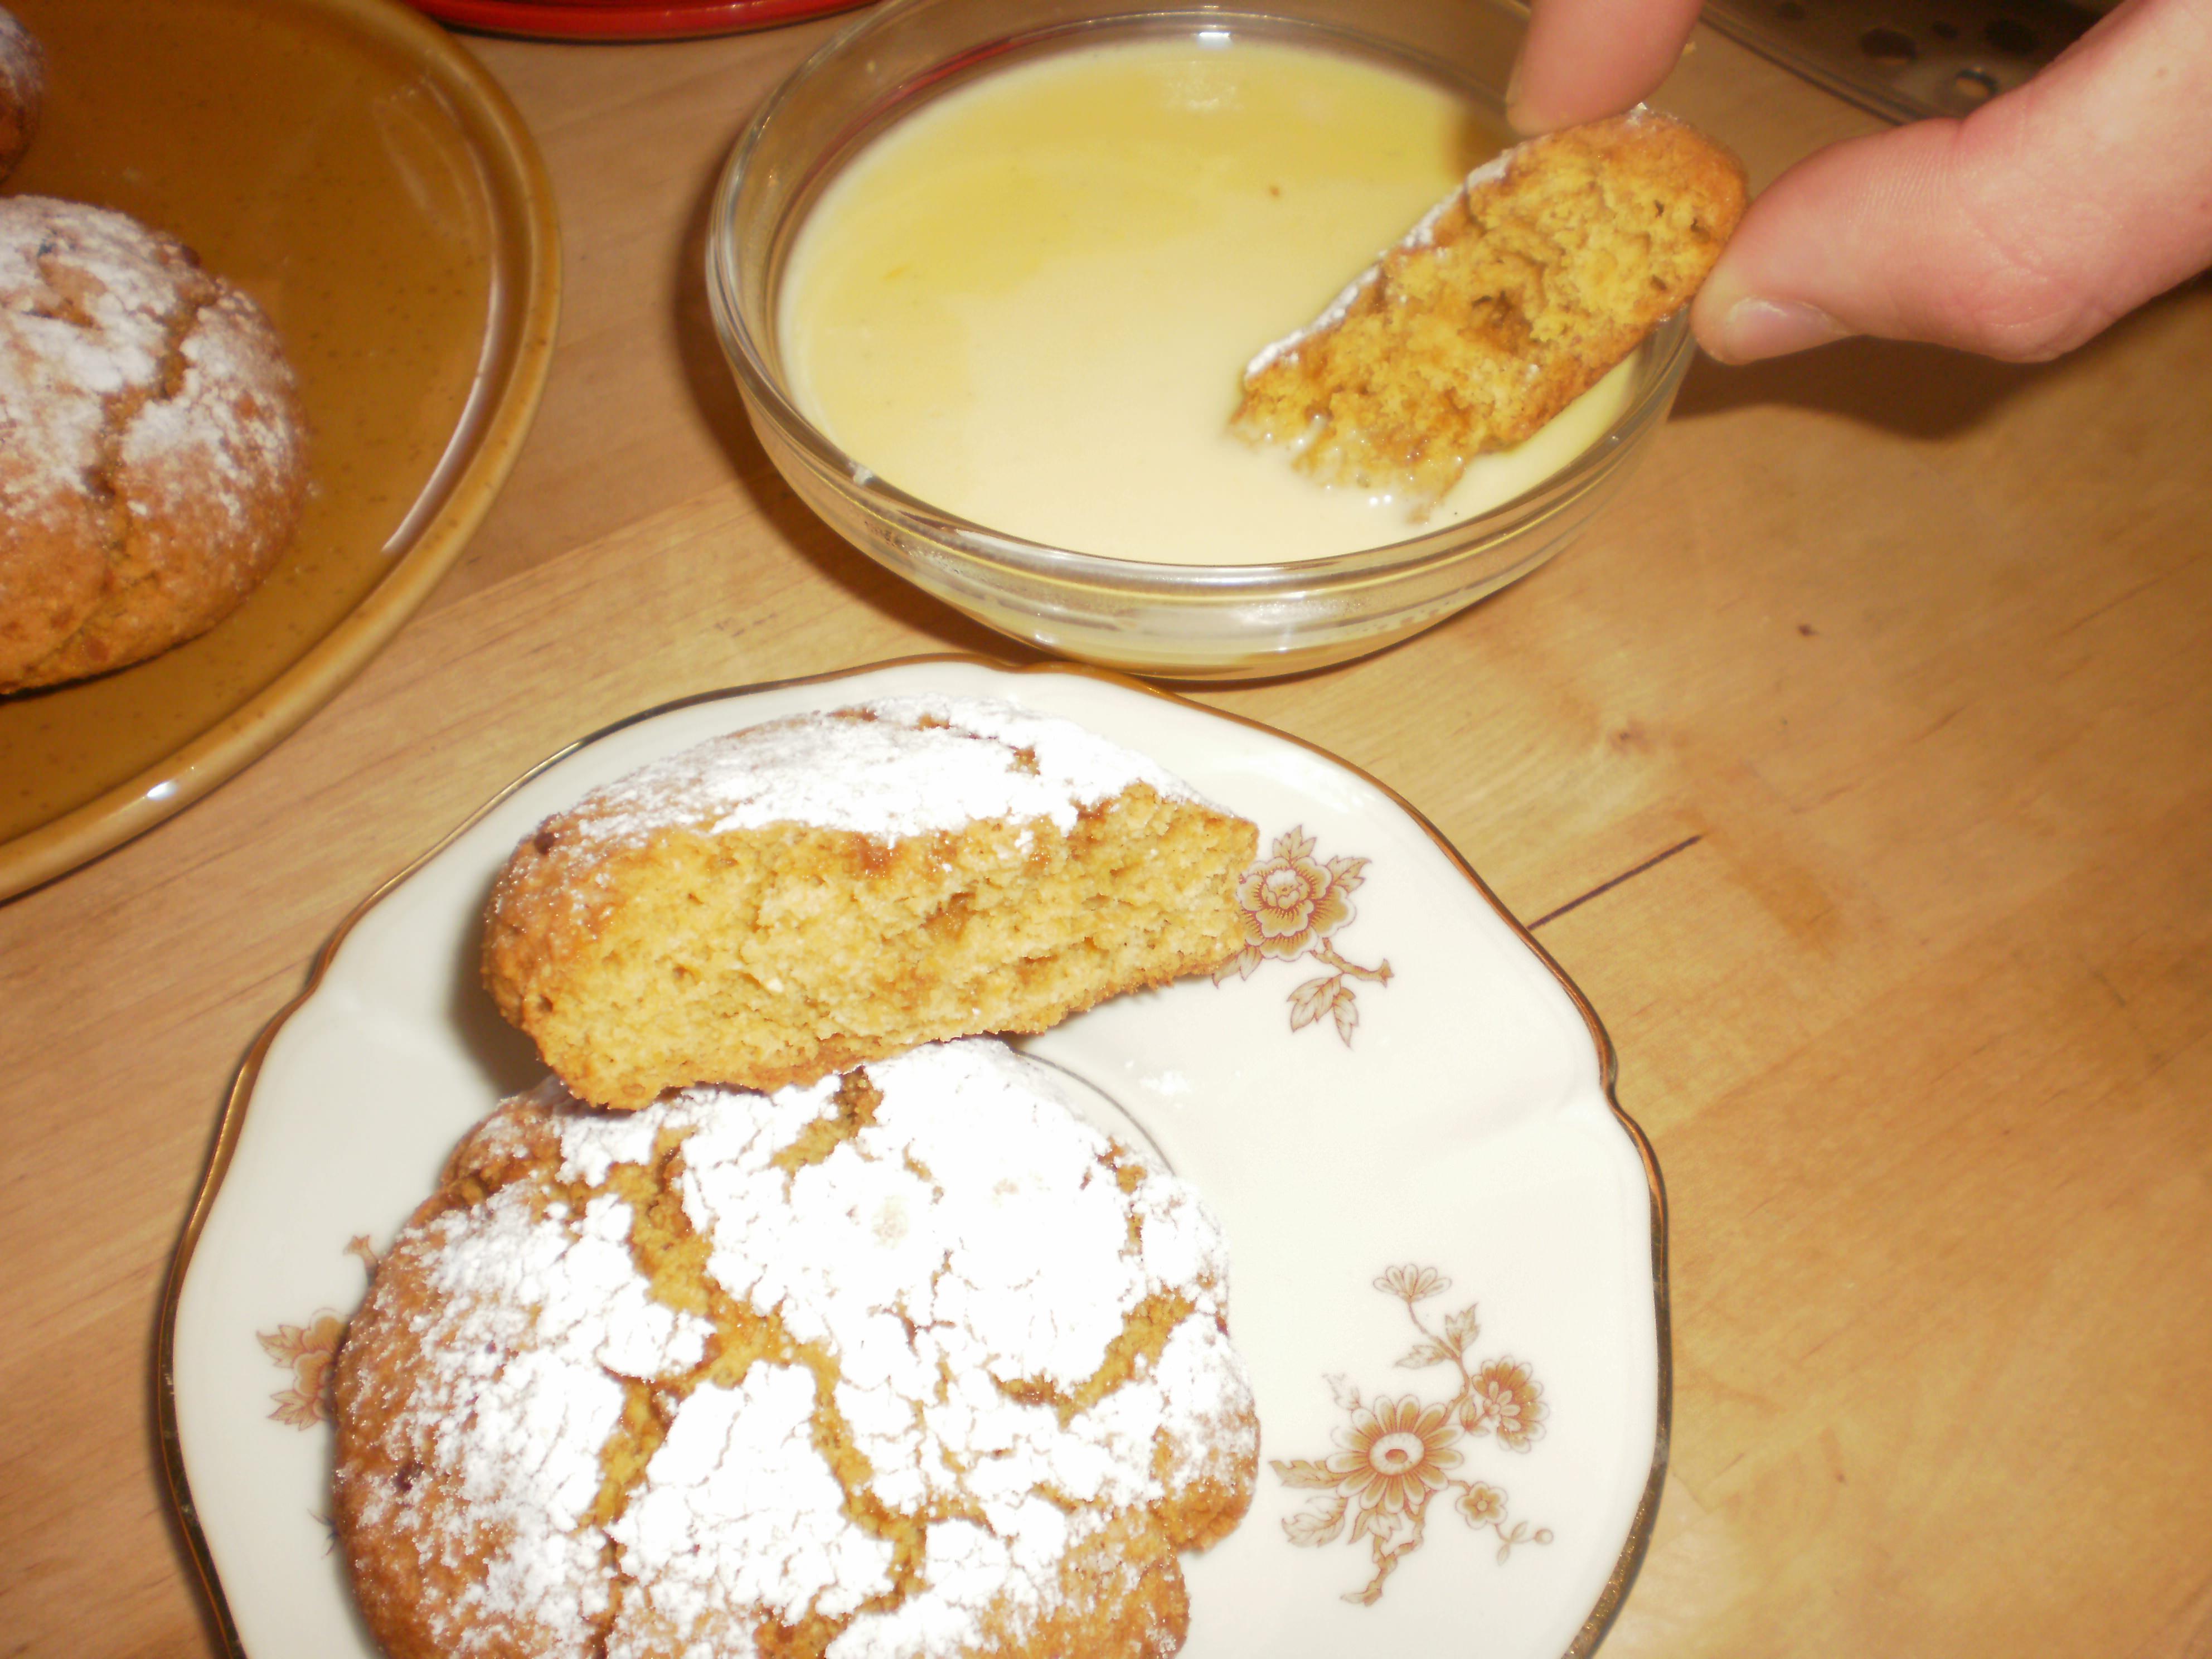 печенье с кукурузной мукой и кремом маскарпоне